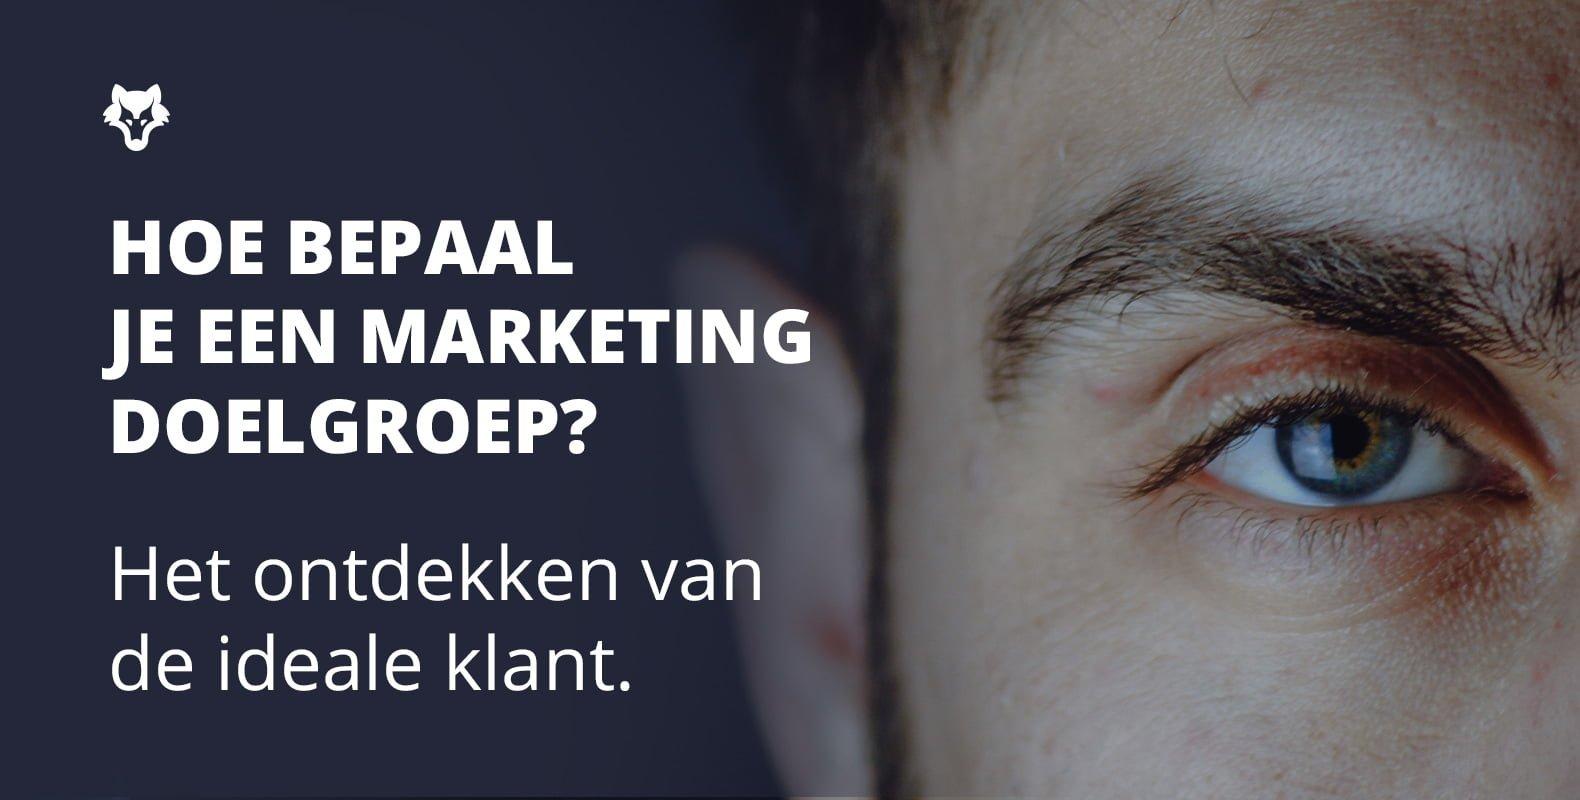 Hoe bepaal je een marketing doelgroep?